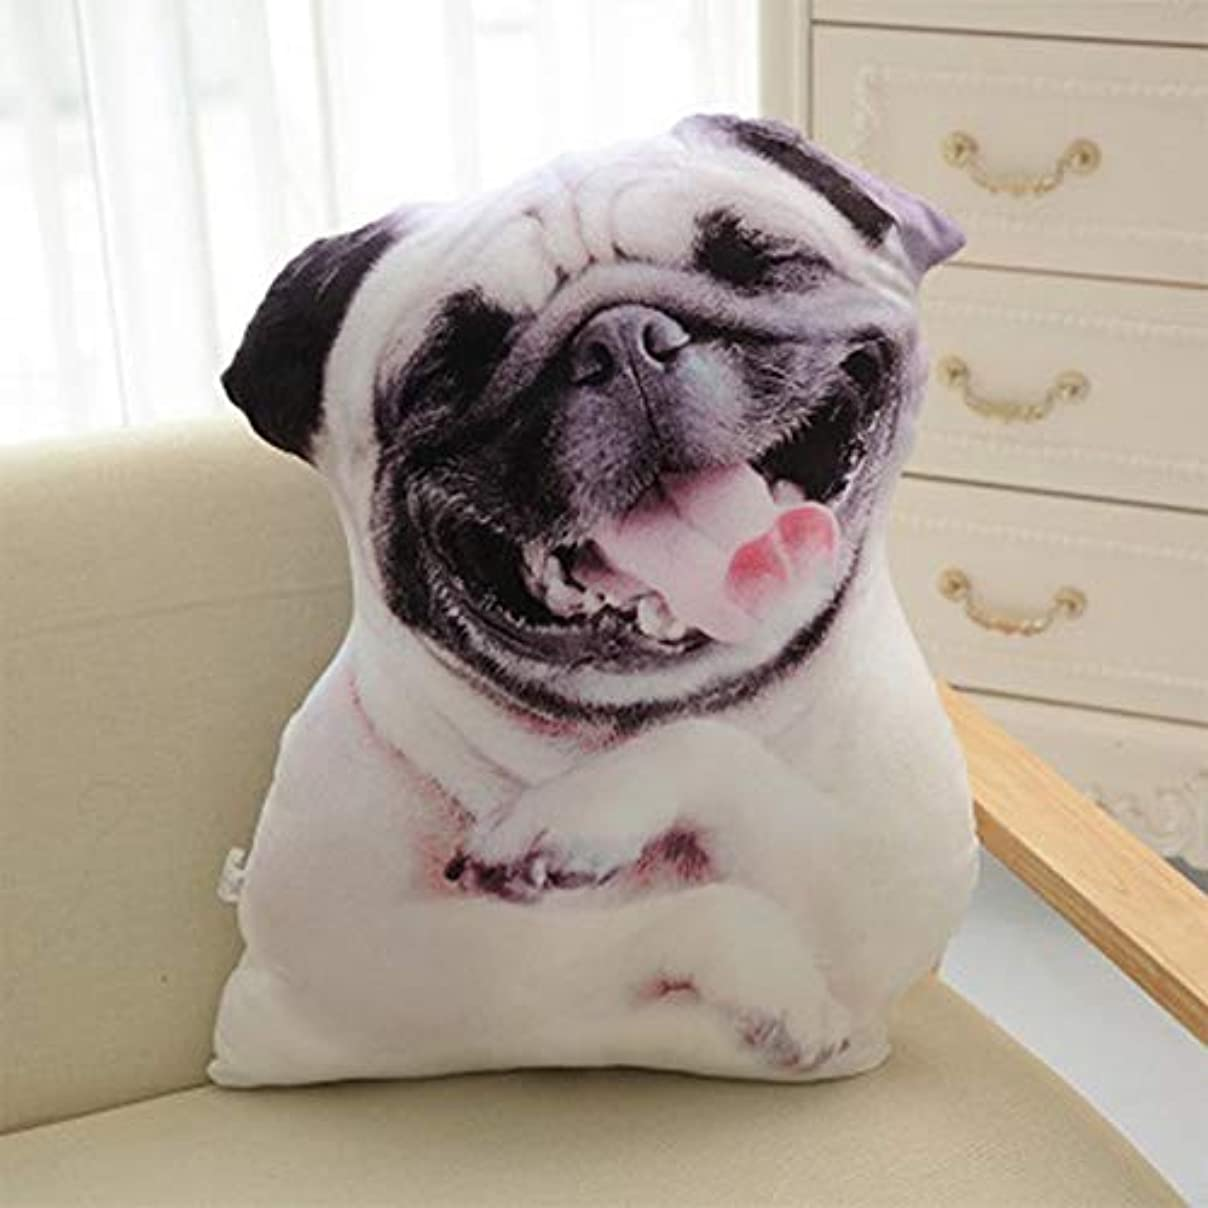 論理的に警戒ジョットディボンドンLIFE 3D プリントシミュレーション犬ぬいぐるみクッションぬいぐるみ犬ぬいぐるみ枕ぬいぐるみの漫画クッションキッズ人形ベストギフト クッション 椅子